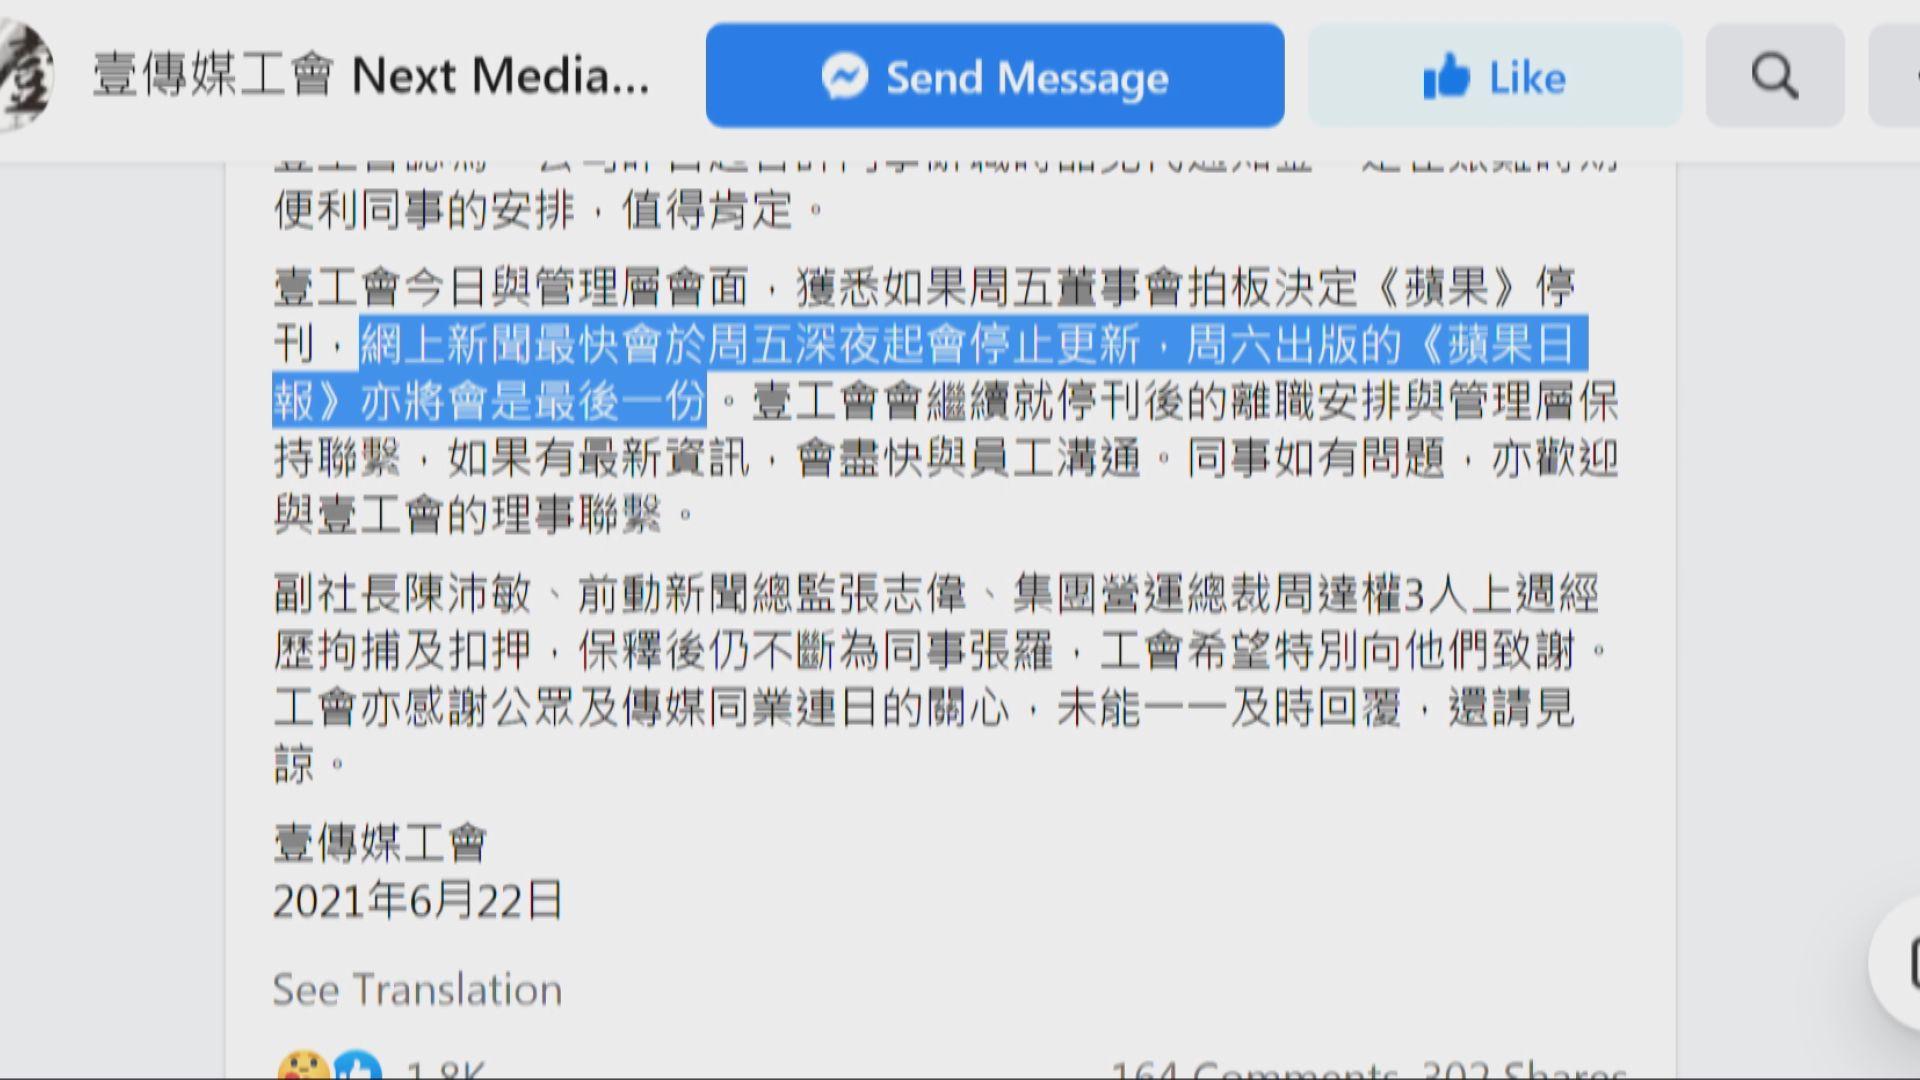 壹傳媒工會:若管理層決定停刊 周六出最後一份蘋果日報